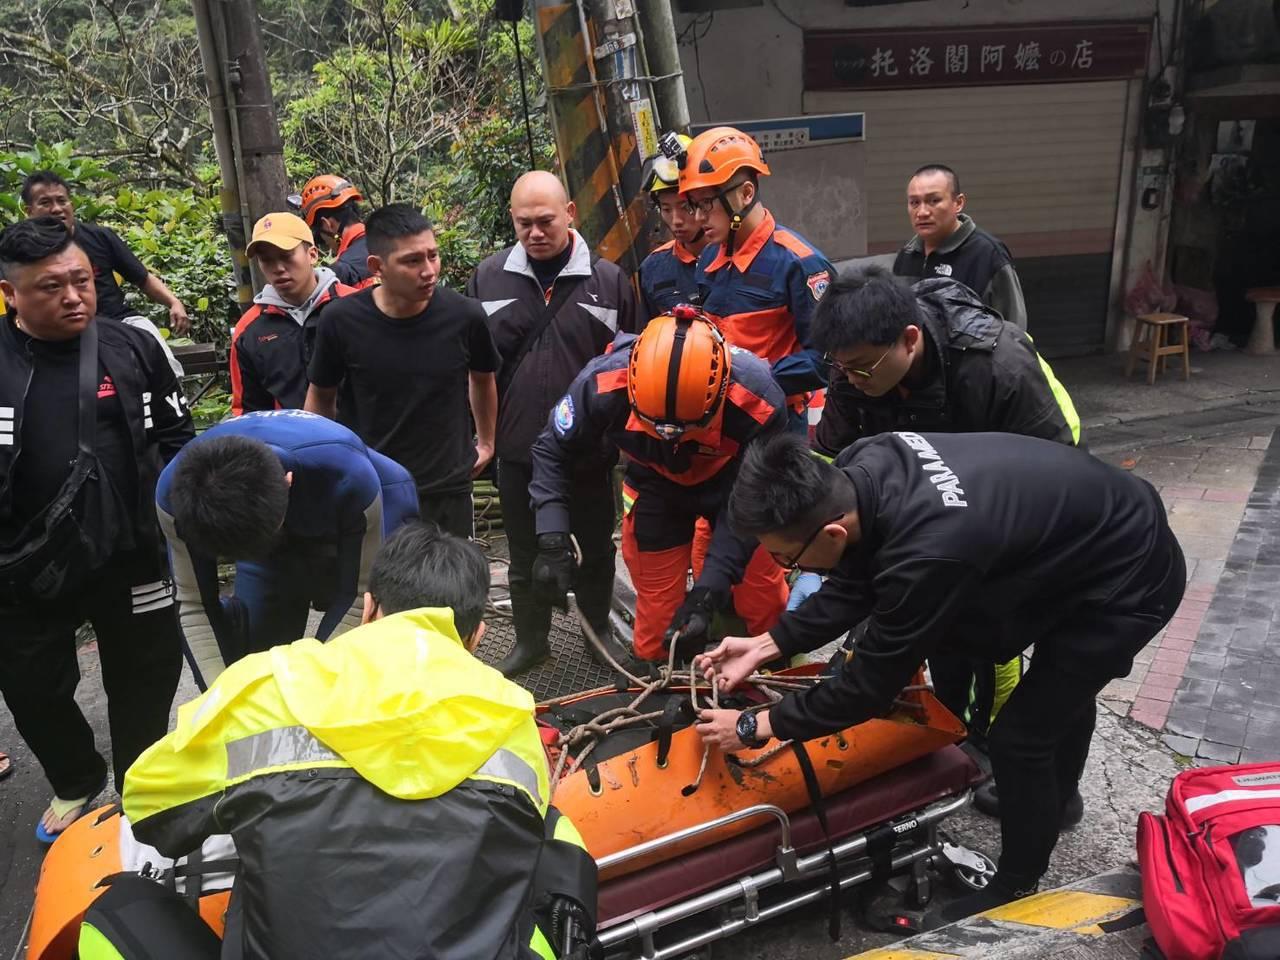 新北市烏來區今天發生一起失足墜溪意外,石姓男子被人發現倒臥在台車站對面,烏來瀑布...